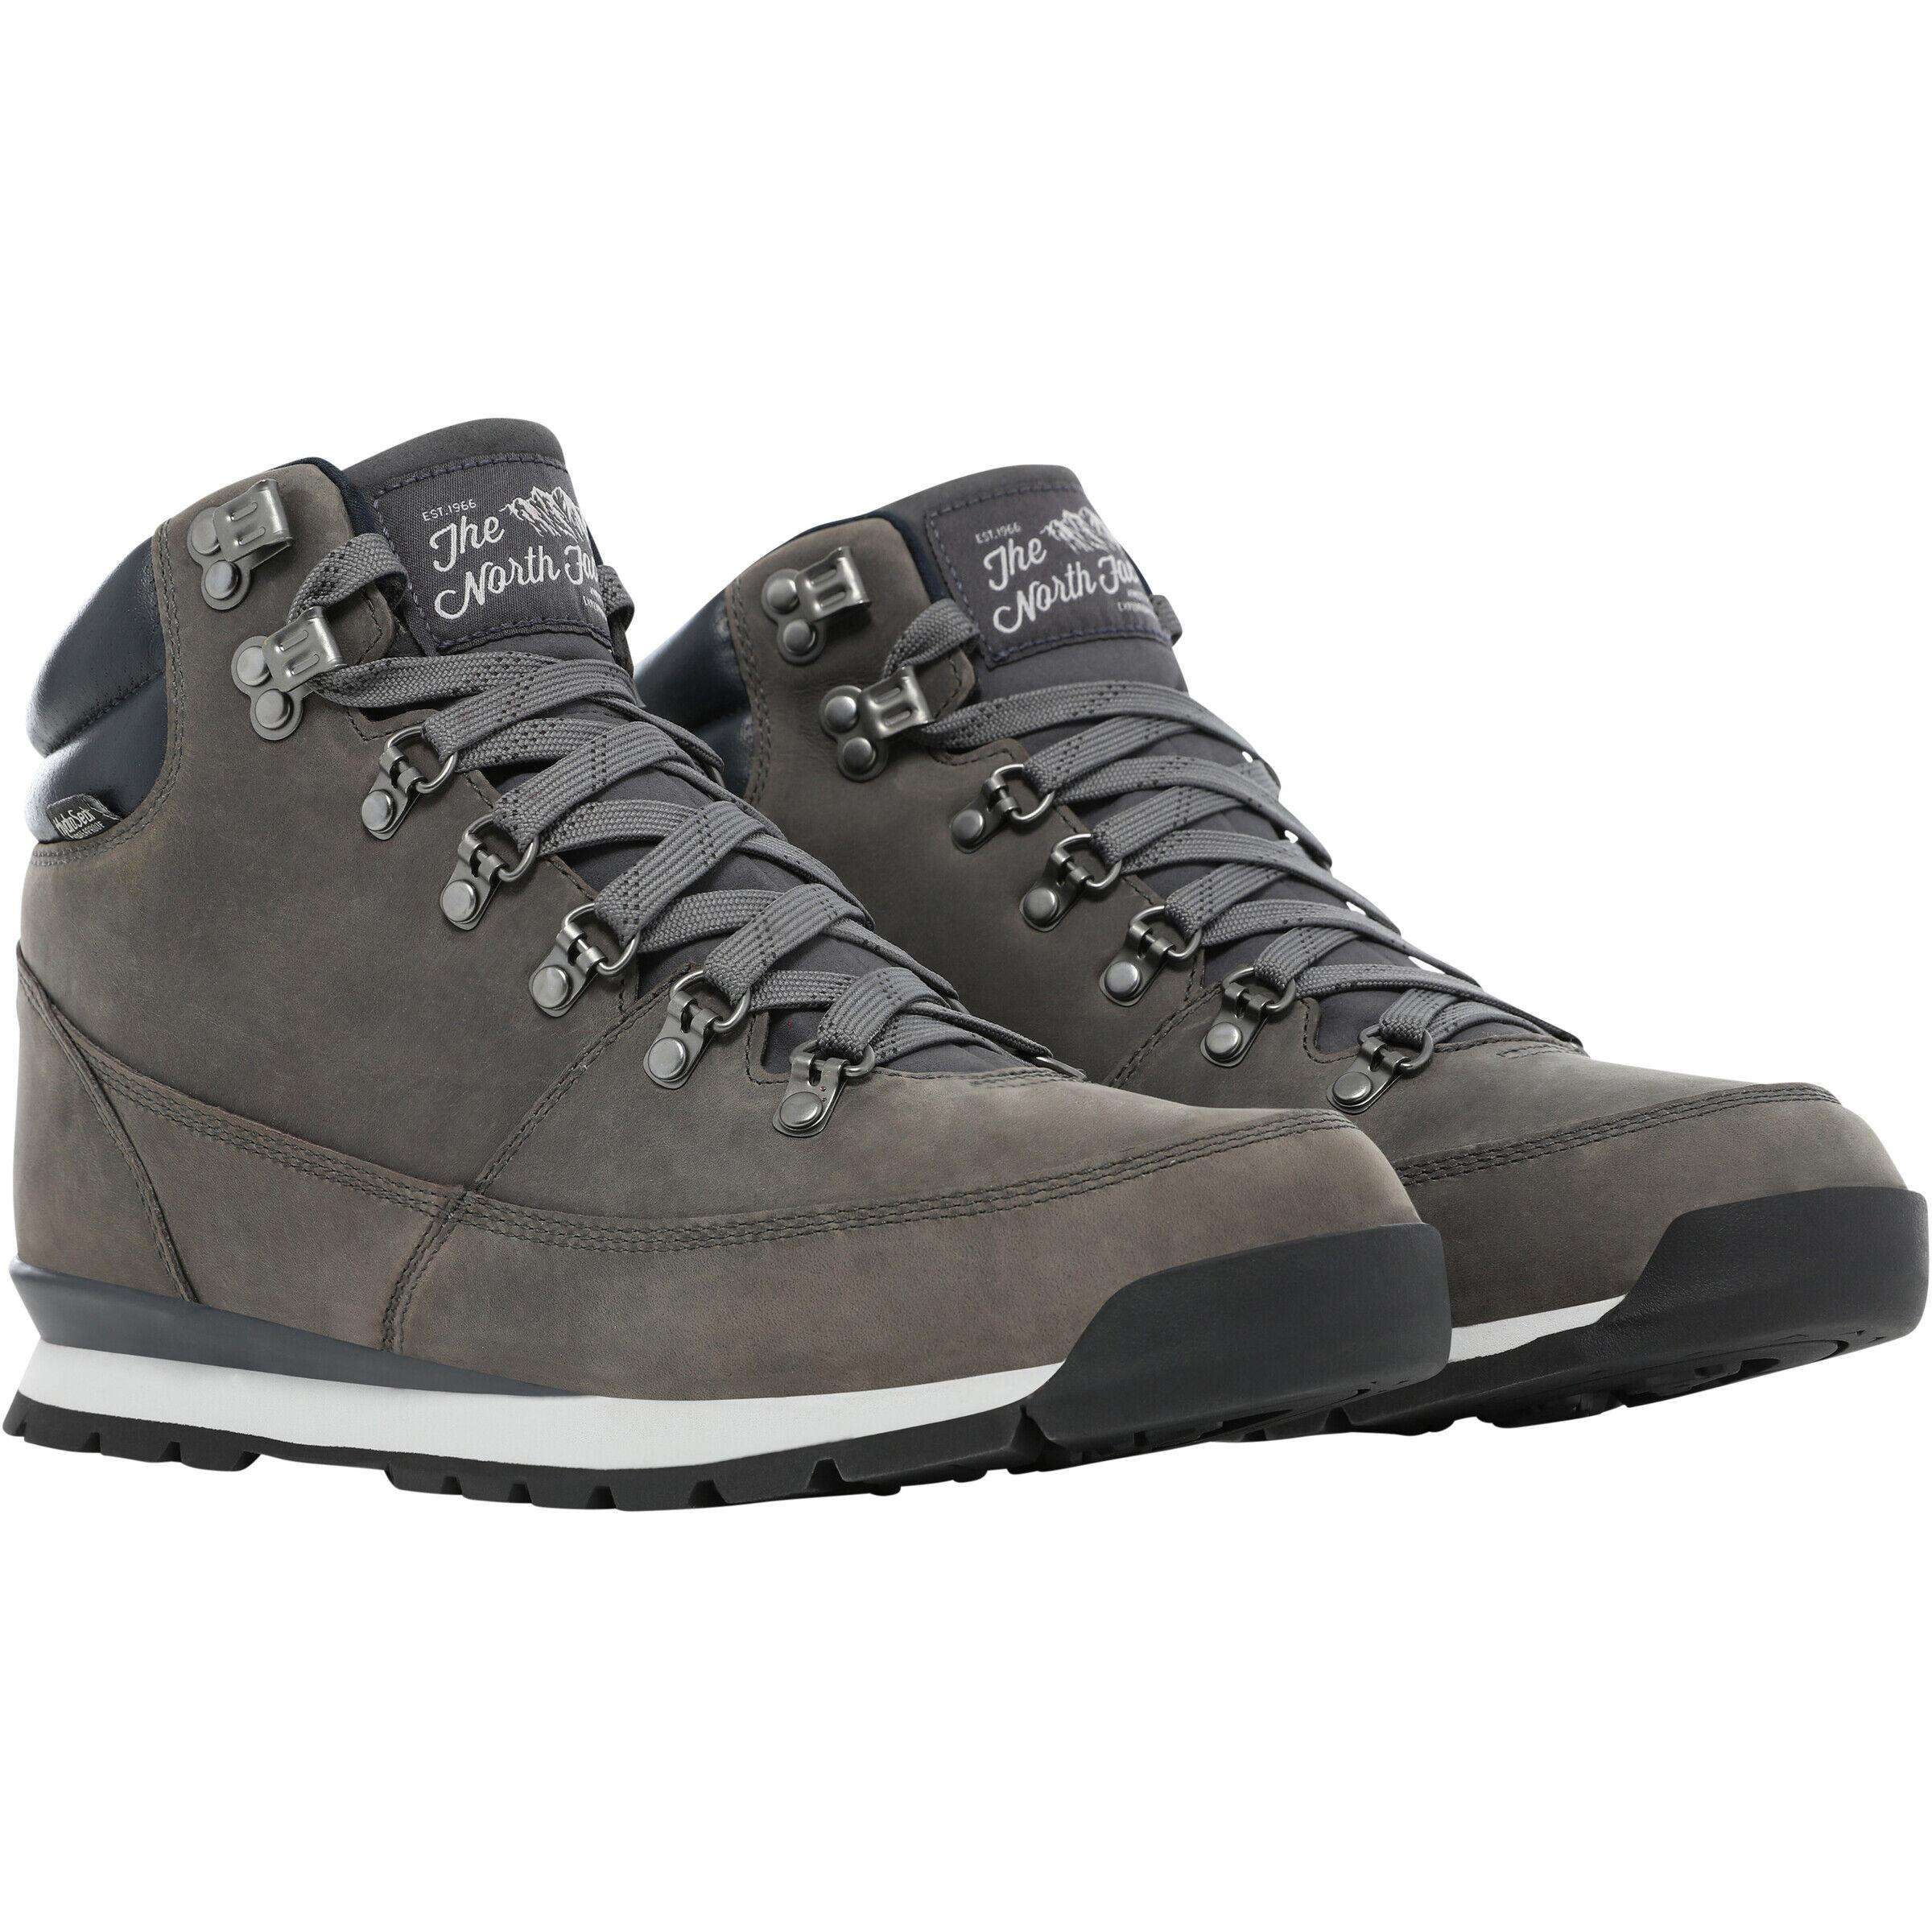 The North Face Schuhe | online kaufen bei